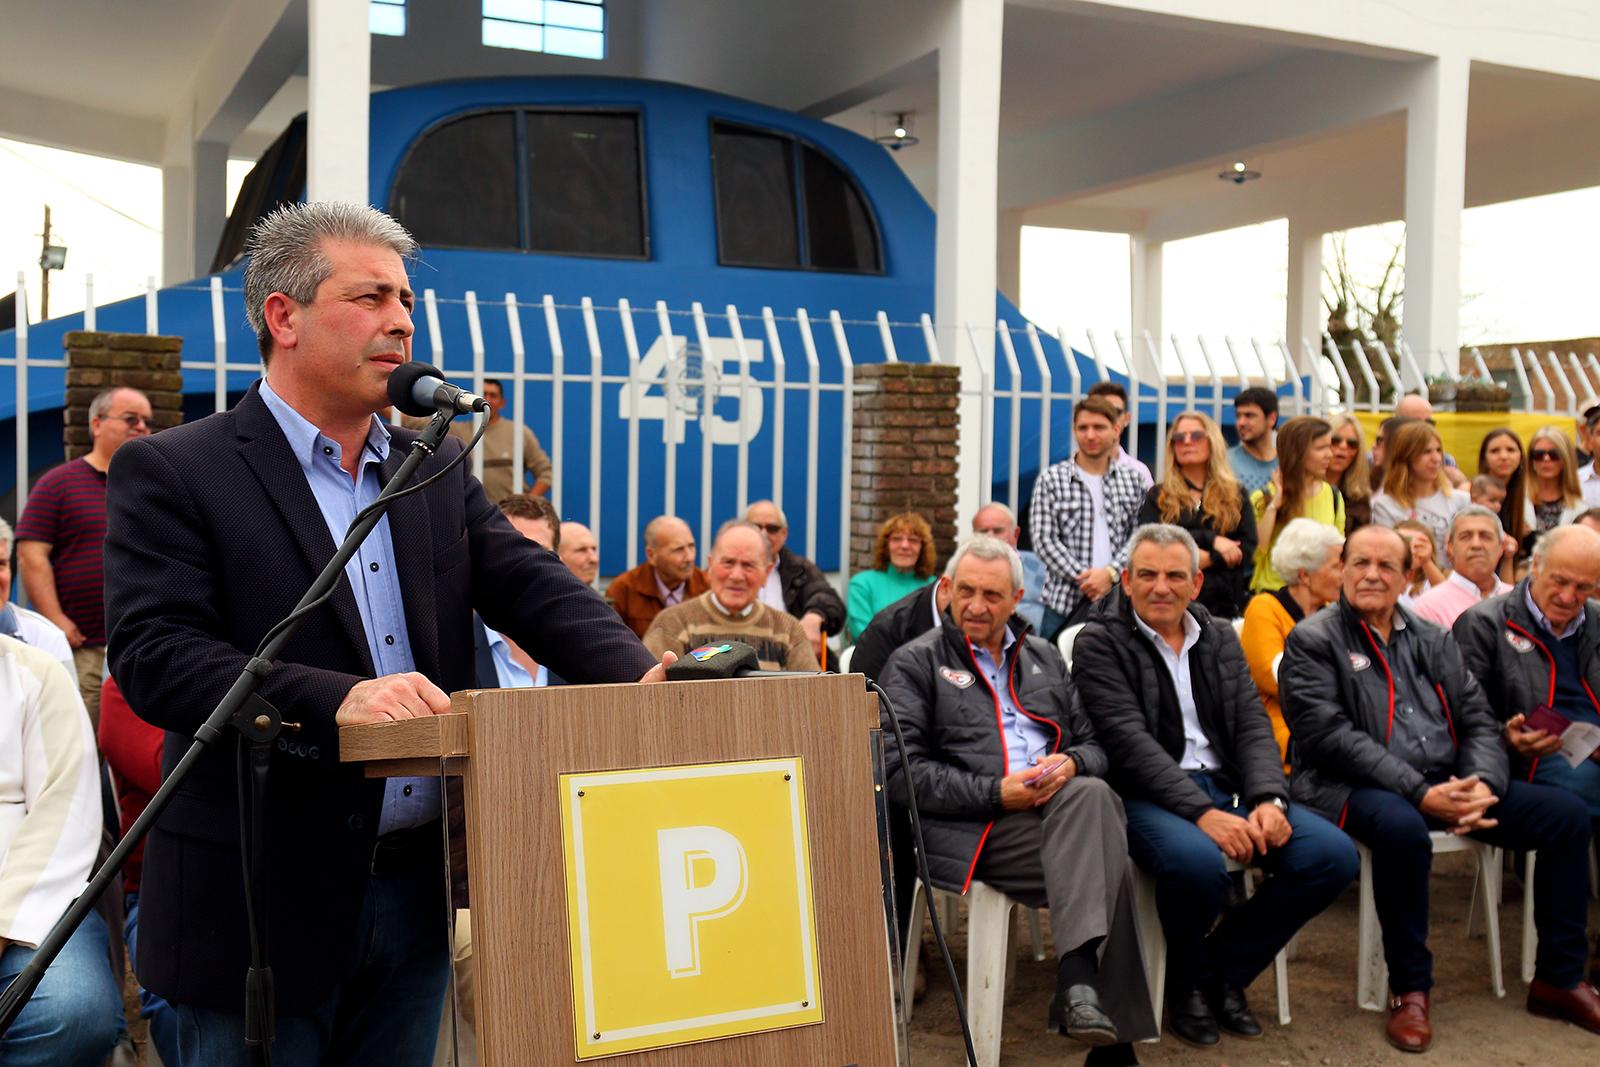 El sábado, se declaró Monumento Histórico Nacional de Turismo Carretera a la Casa Auto en el marco de los 80 años de la Asociación Corredora de Turismo Carretera.